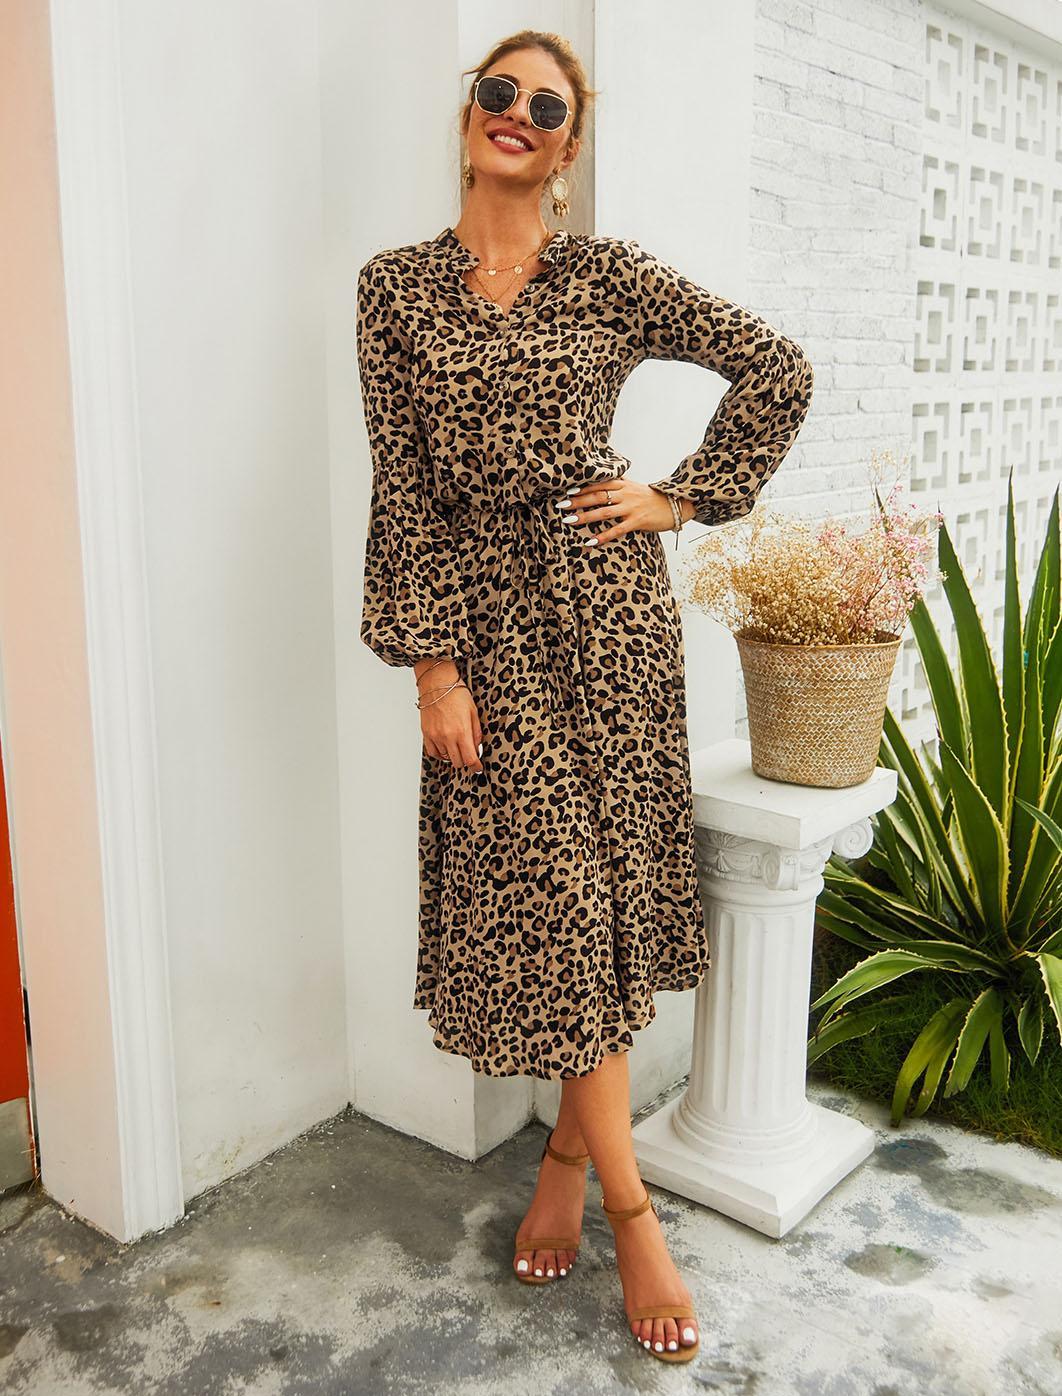 여성 표범 인쇄 드레스 비치 드레스 긴 소매 스탠드 칼라 캐주얼 느슨한 프릴 Maxi Sundress A-Lined 높은 허리 휴가 파티 옷 레이스 여성